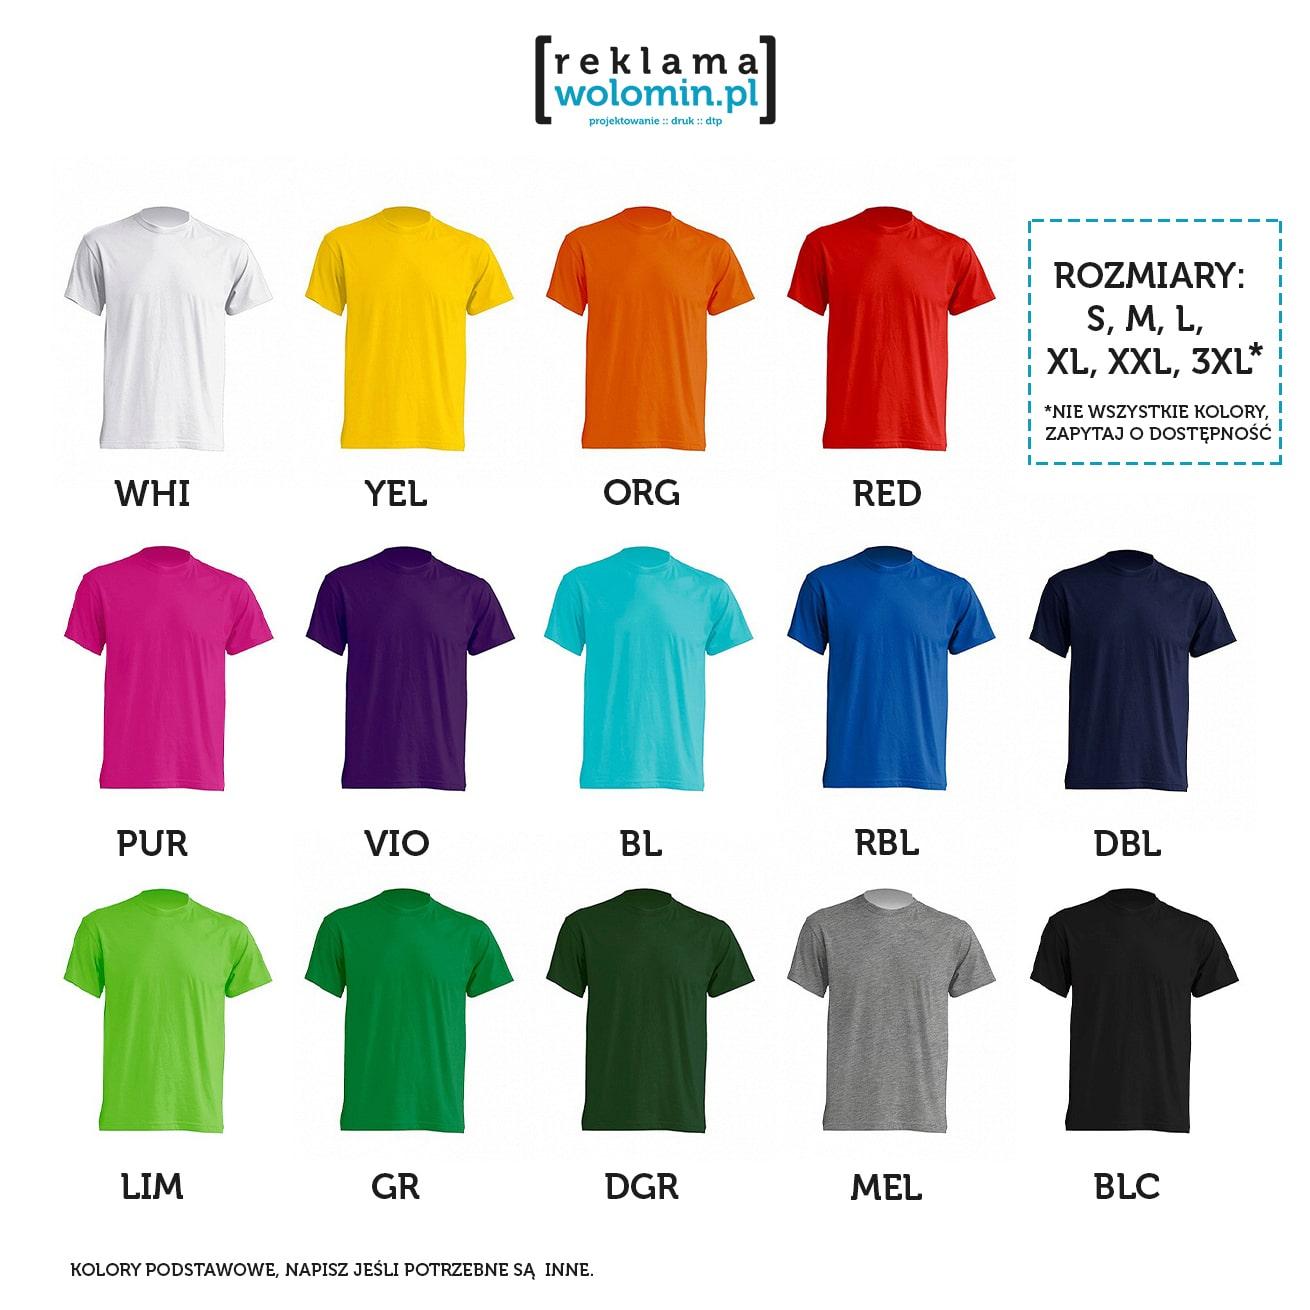 koszulki-kolory-2019-min